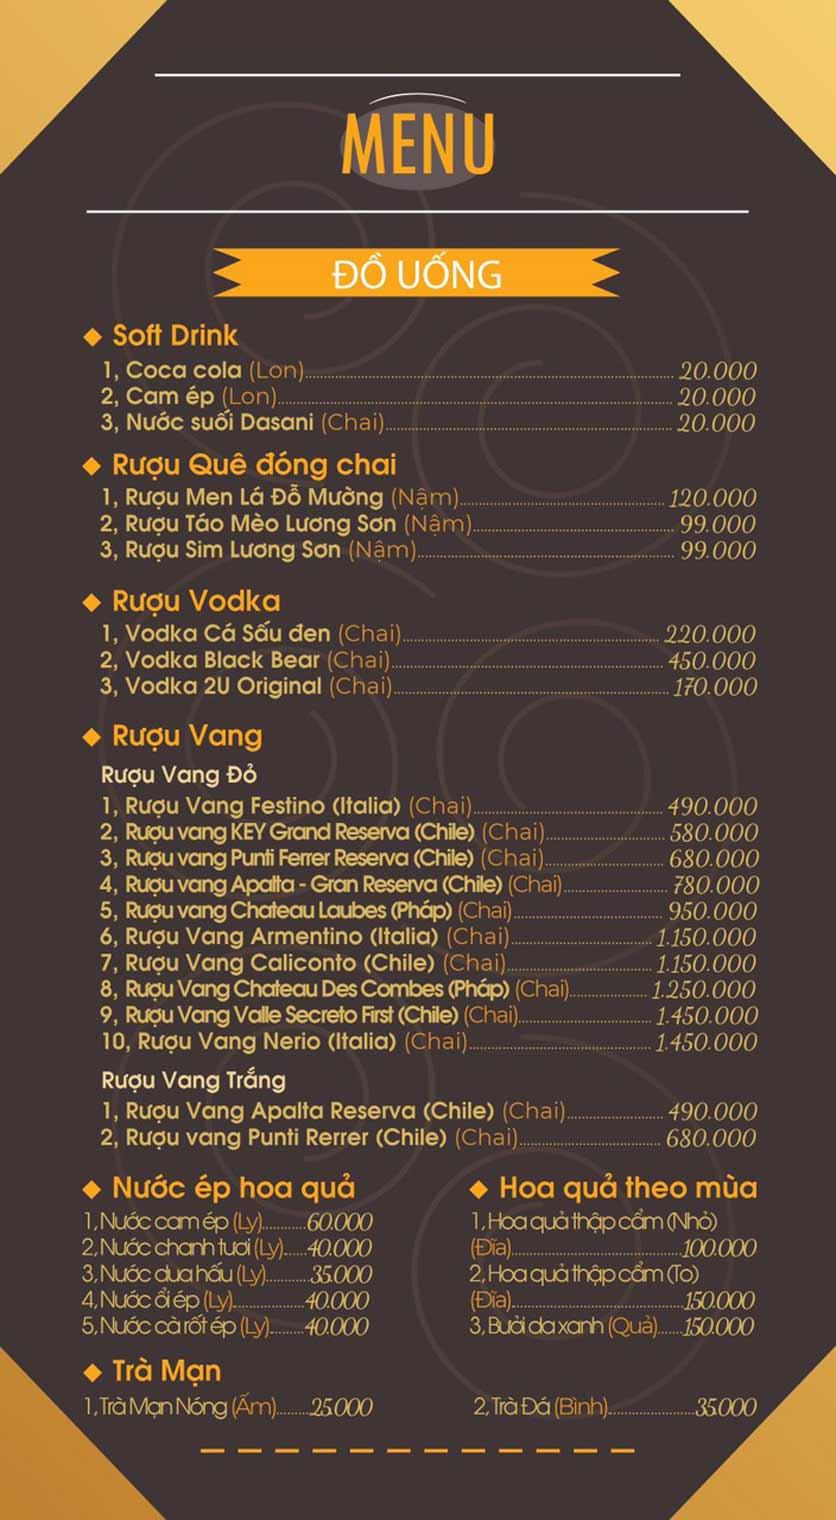 Menu Mái Ngói Xưa – Nguyễn Văn Lộc    11